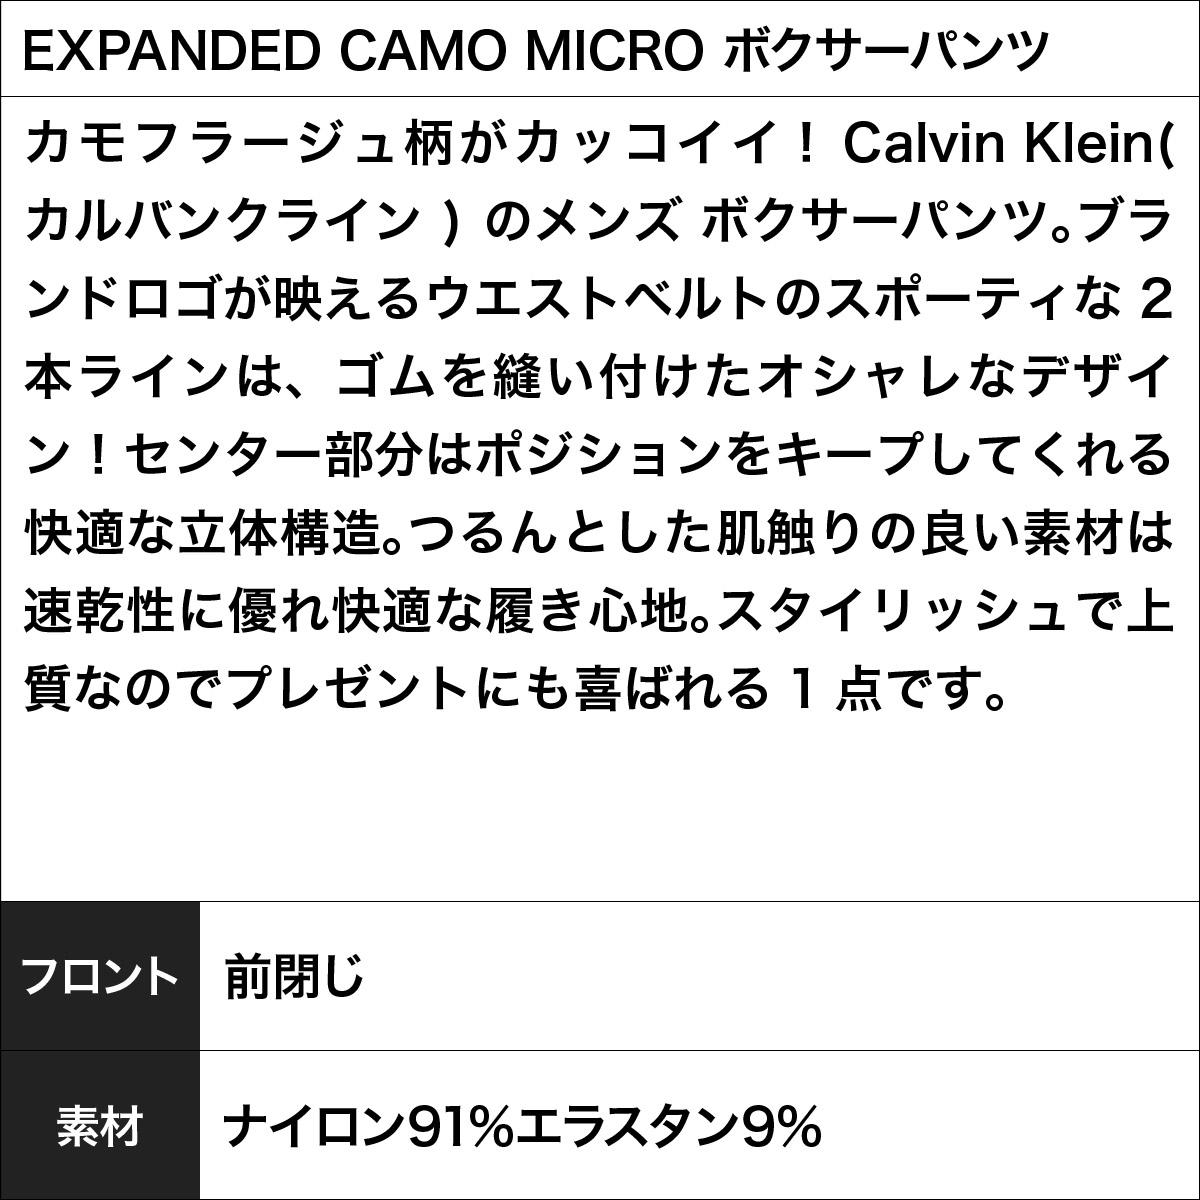 カルバンクライン ボクサーパンツ メンズ 下着 Calvin Klein EXPANDED CAMO MICRO CK ブランド 迷彩 ブランド プチギフト 無地 ロゴ 誕生日プレゼント 彼氏 父 男性 ギフト